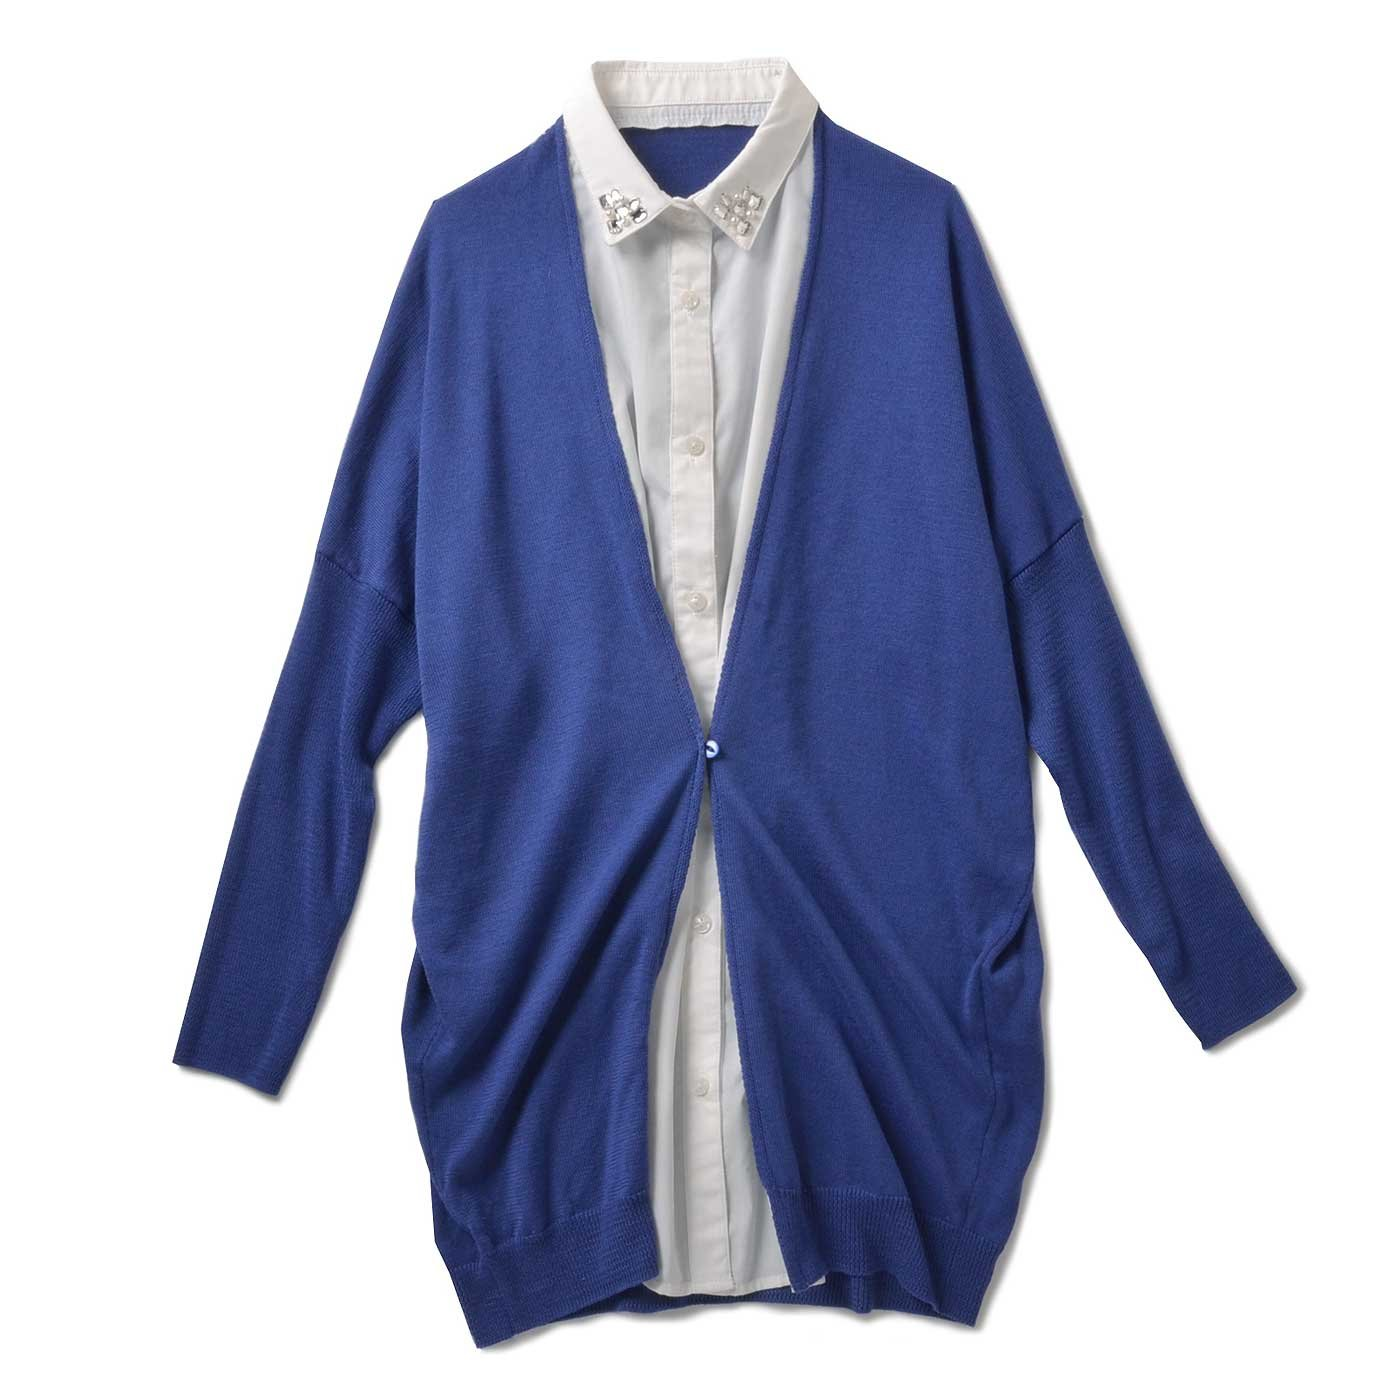 リブ イン コンフォート 衿キラキラシャツと着やせニットのドッキングチュニック〈ブルー×ホワイト〉